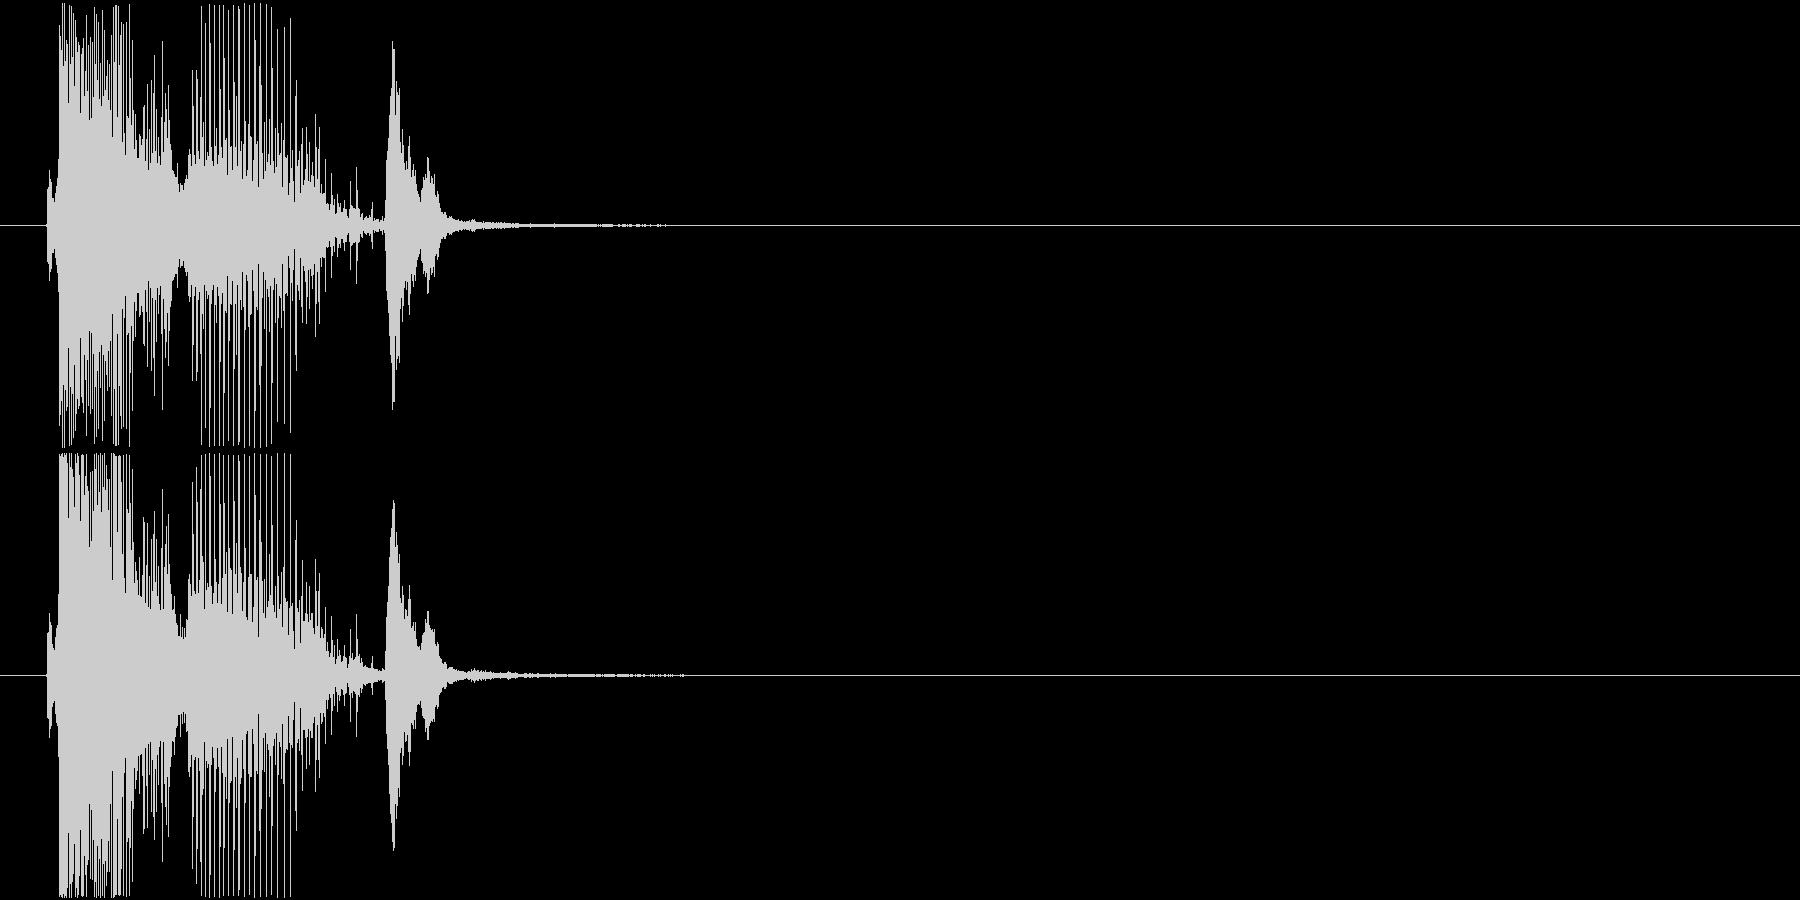 「パーフェクト」ゲーム・アプリ用3の未再生の波形